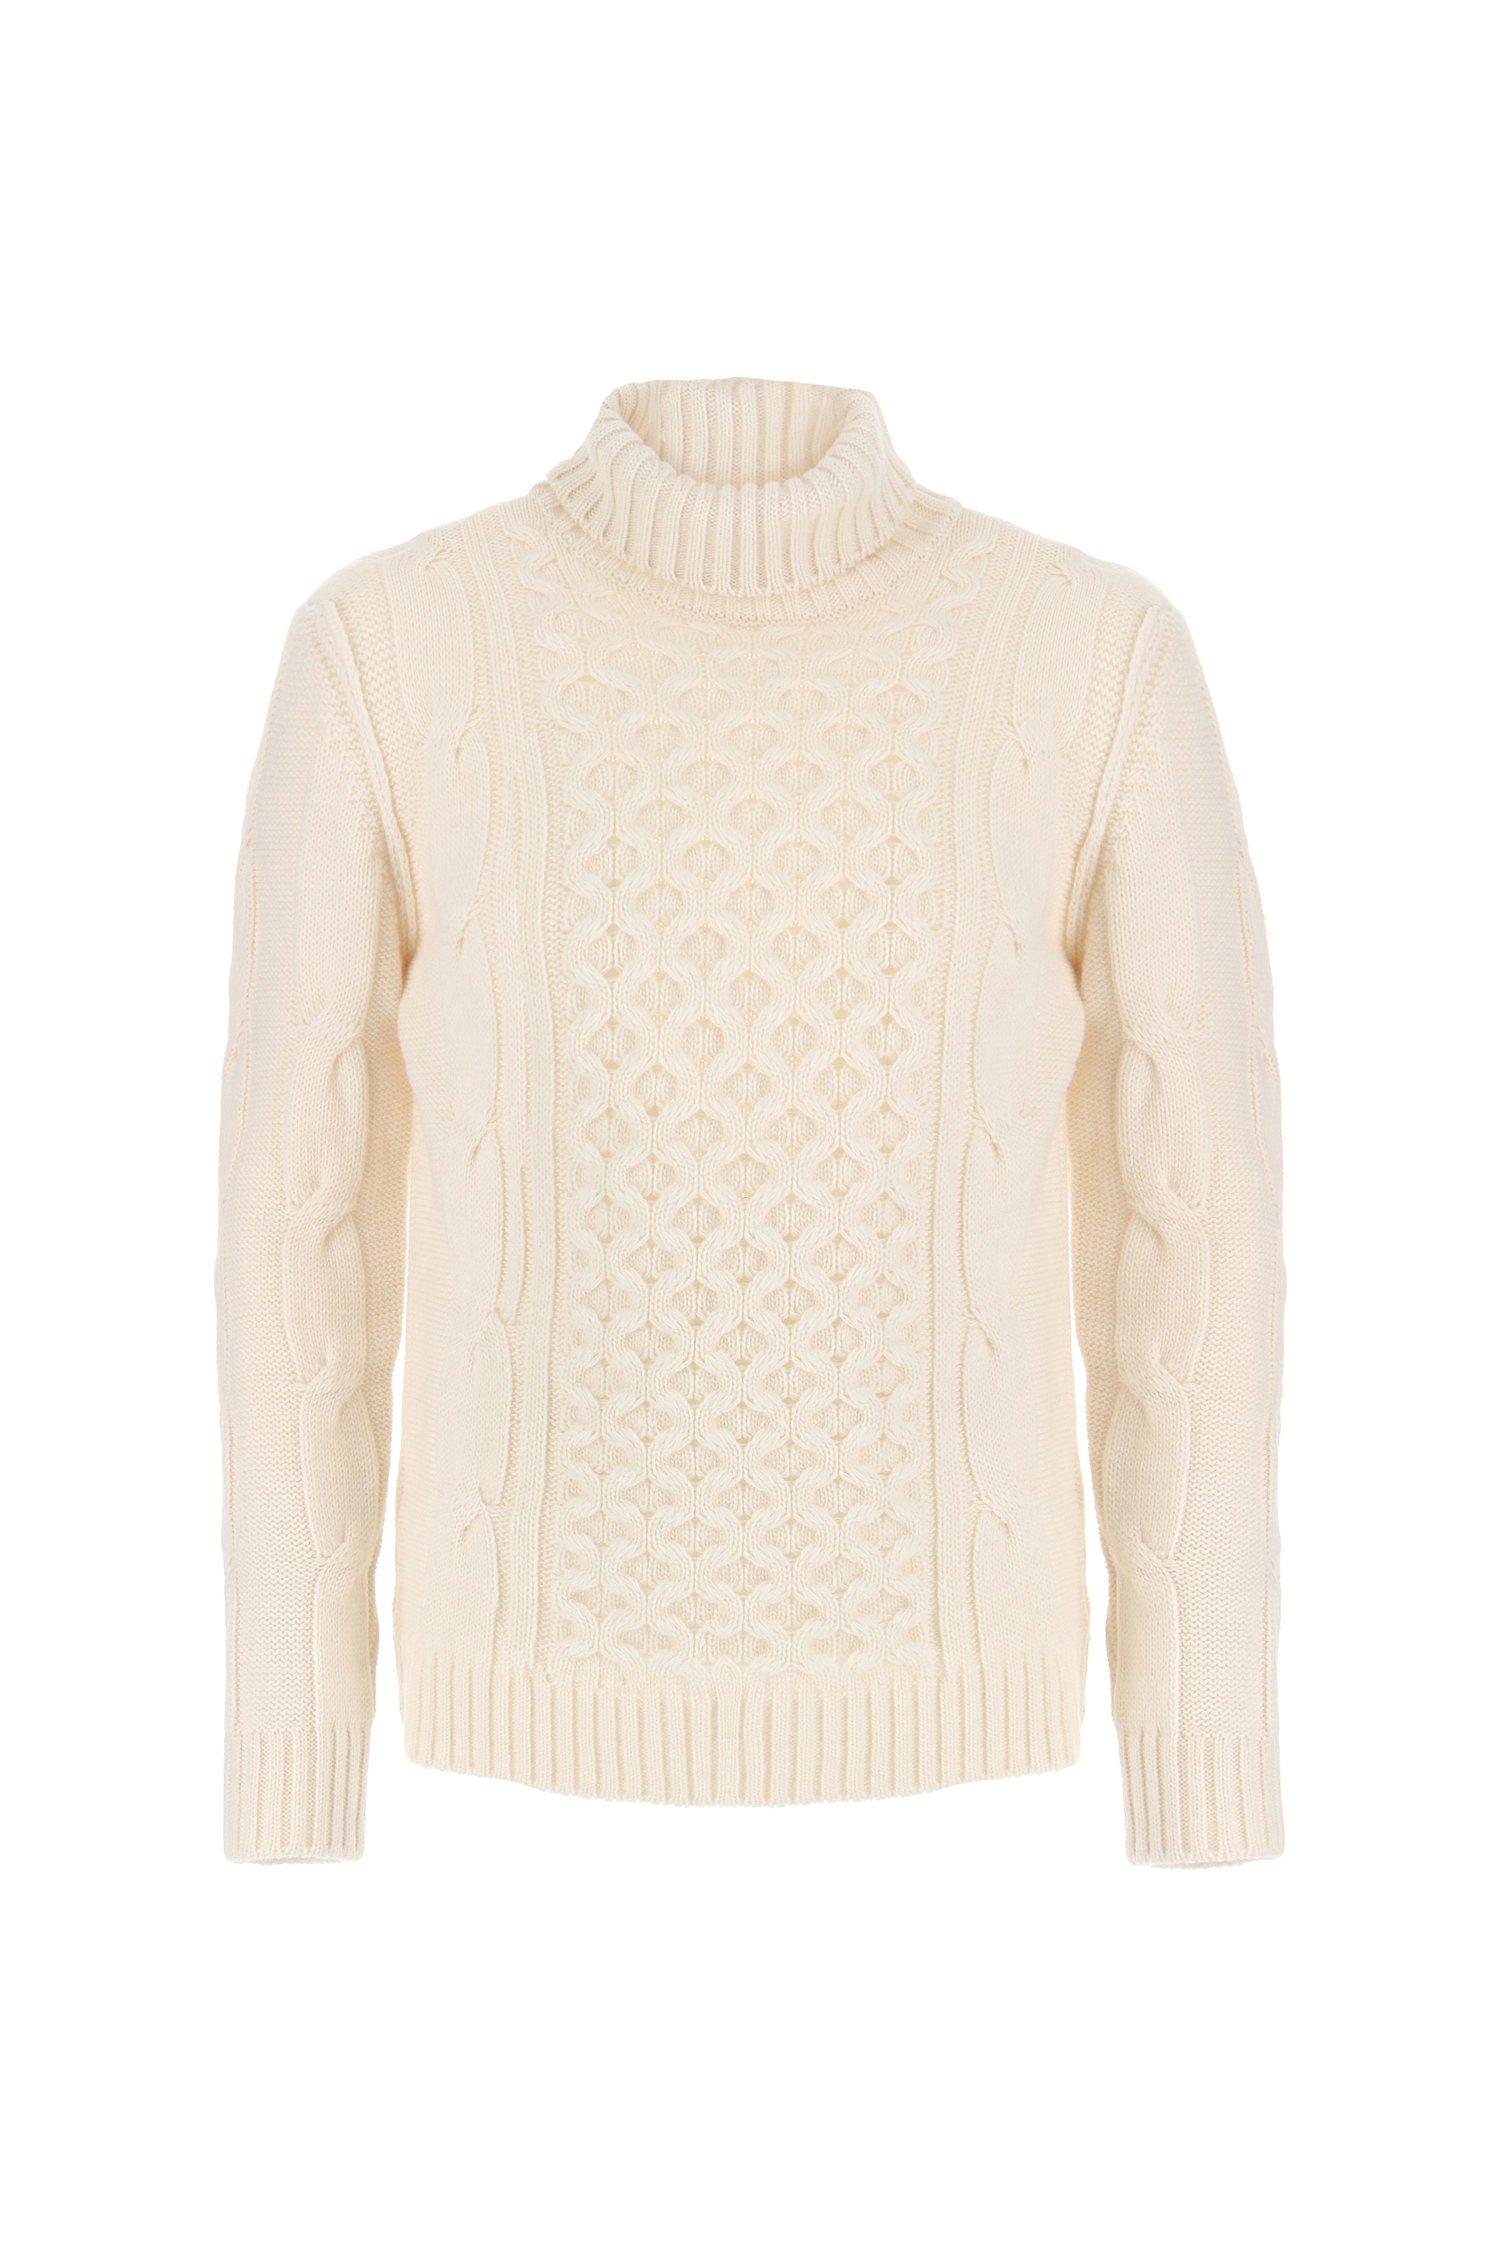 miglior servizio b8082 618a1 Dolcevita Uomo IMPERIAL - LA MATTA Abbigliamento | SHOP ONLINE